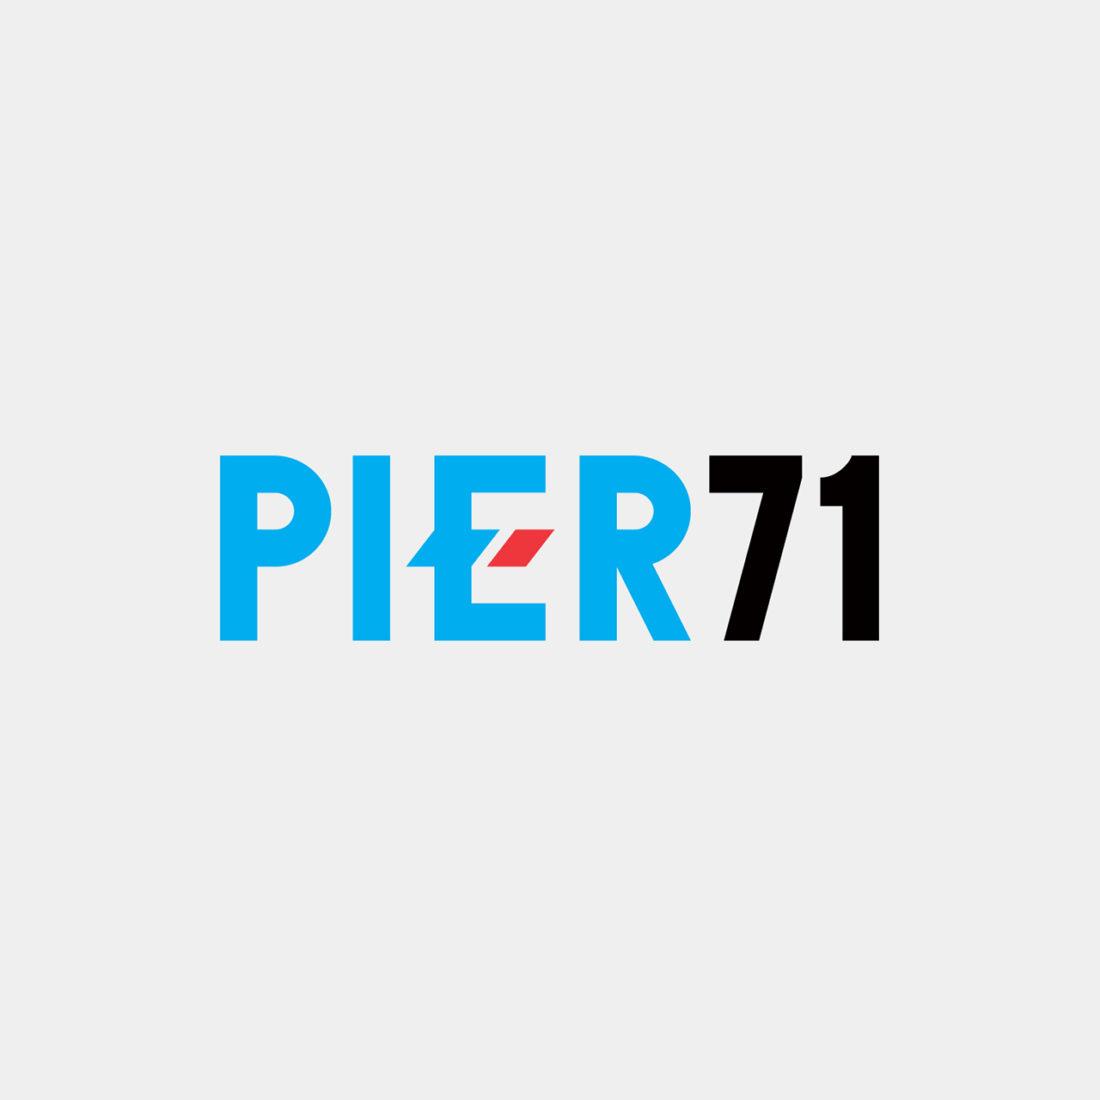 Pier71 logo